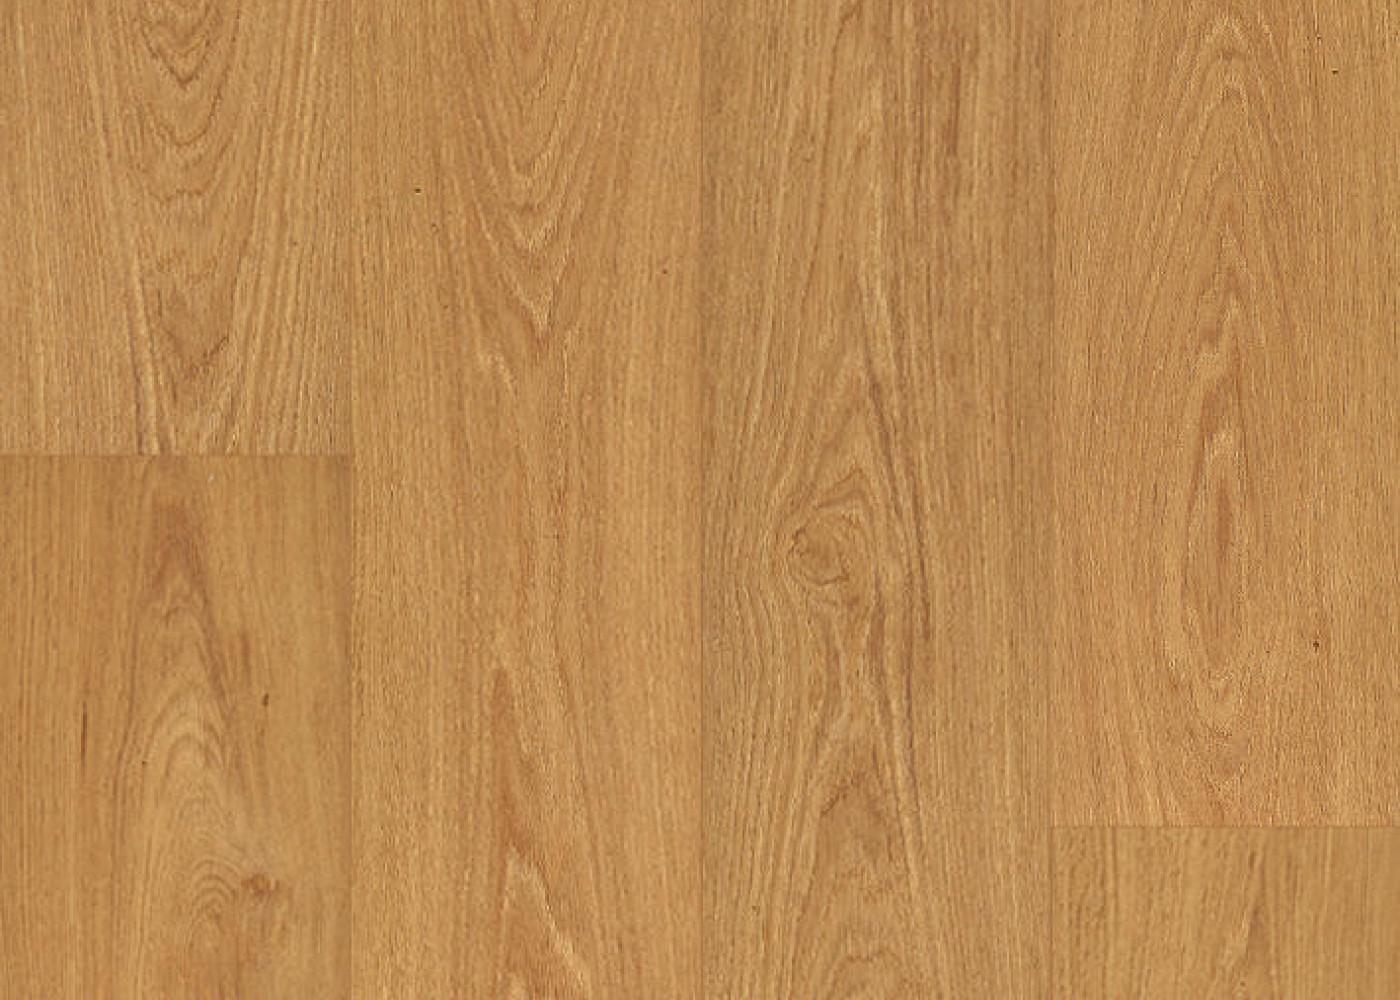 Vinyle rigide Chêne Honey passage commercial 4.5x225x1524